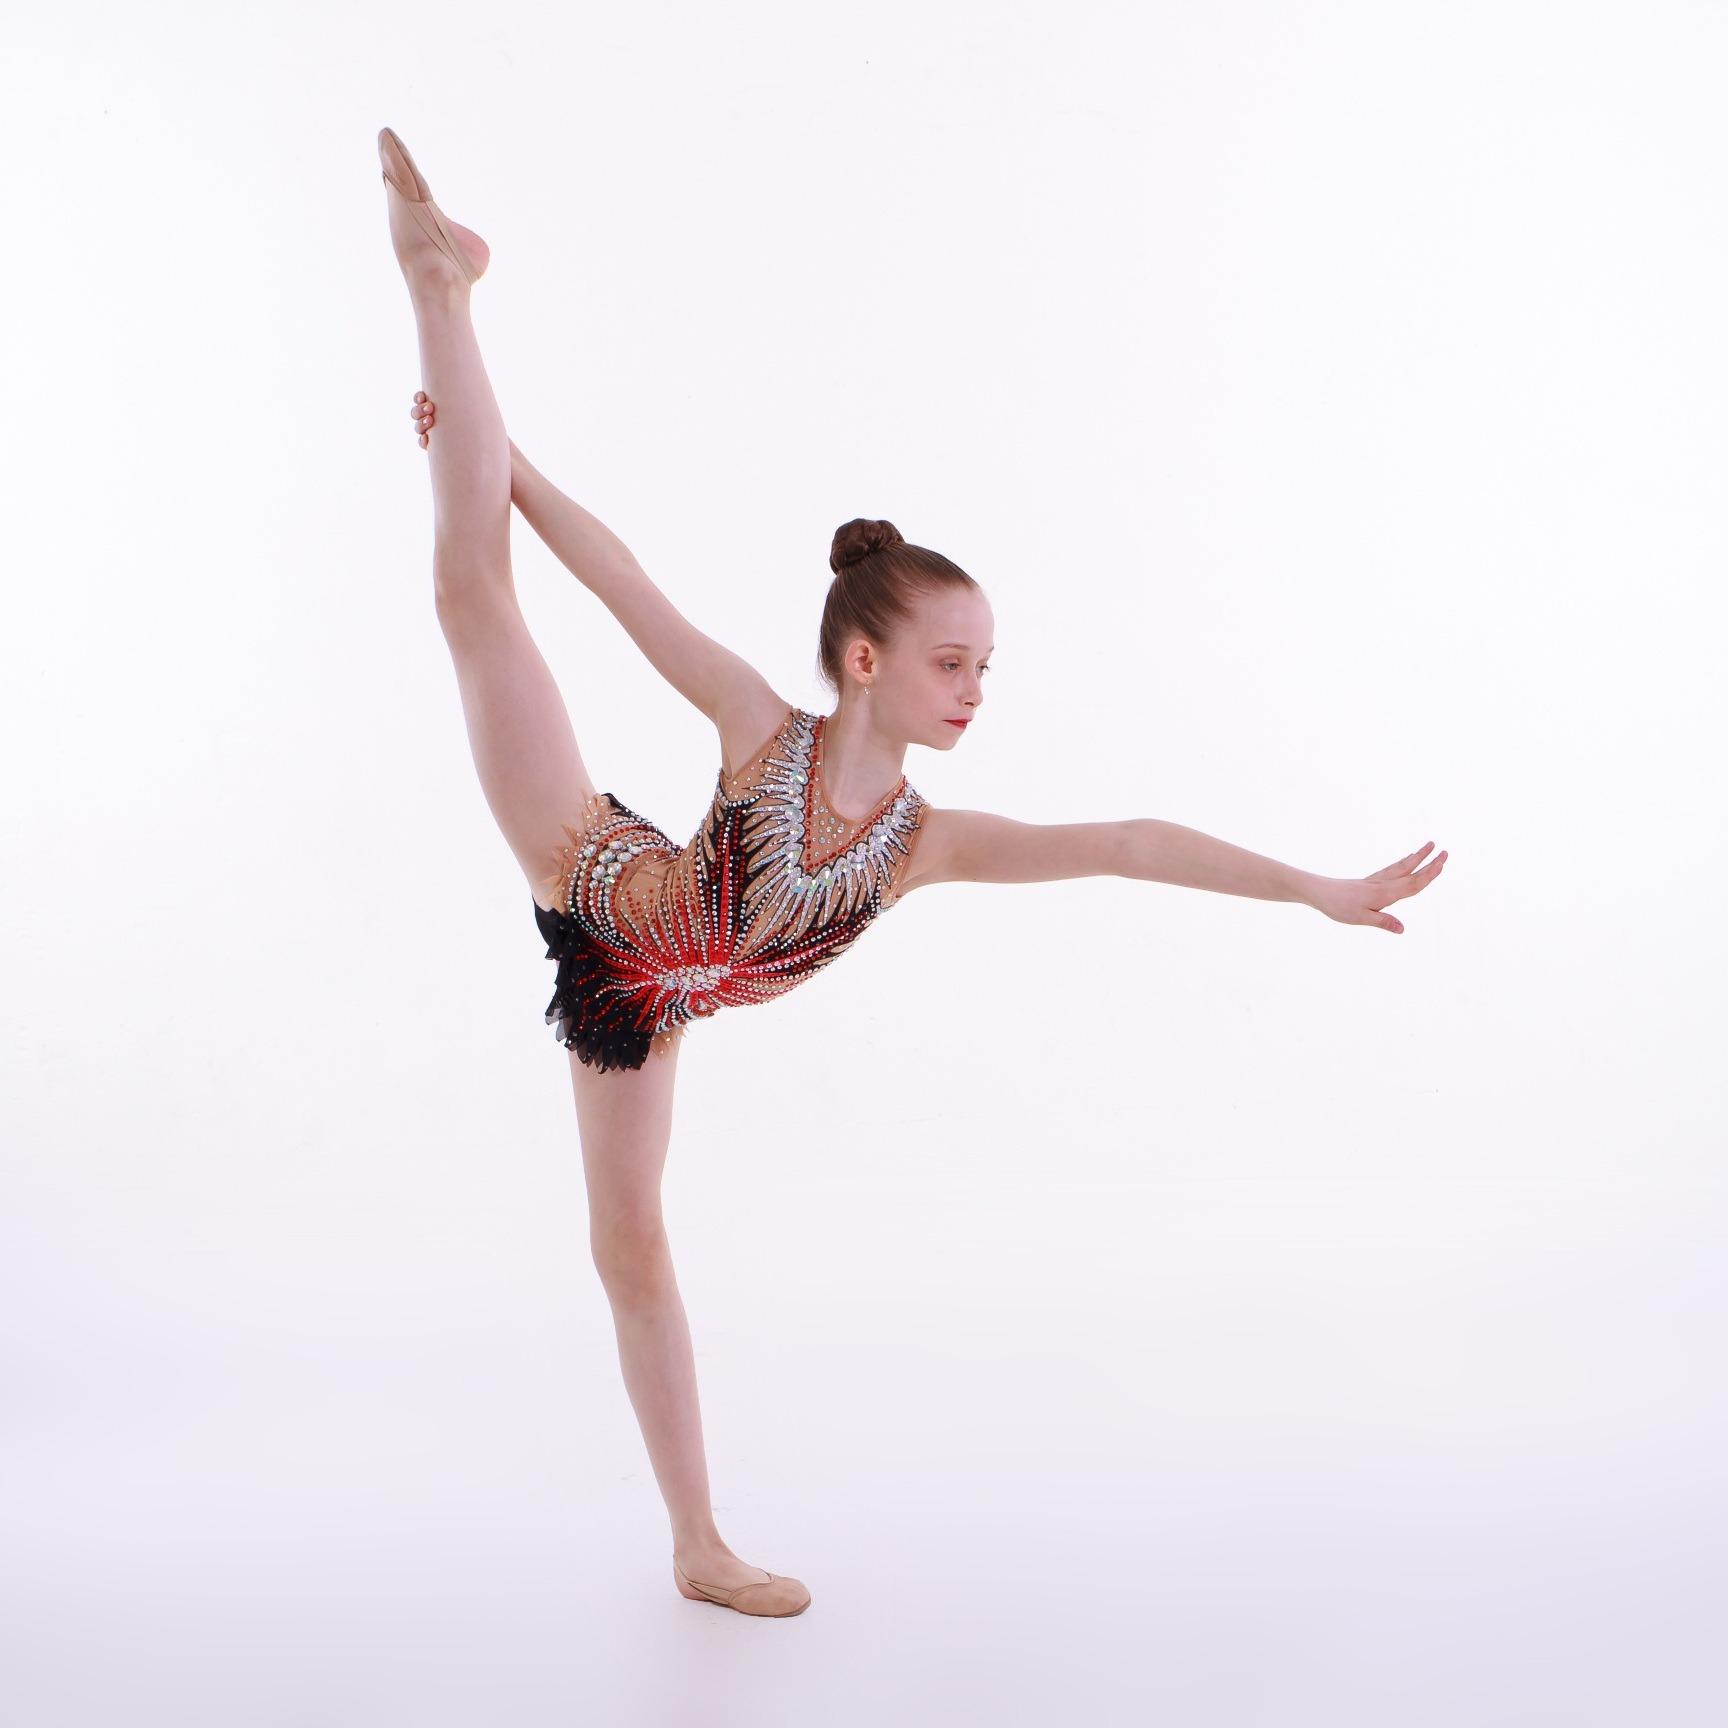 Zajęcia dla dzieci Gimnastyka artystyczna z elementami tańca 8-15 lat (poziom początkujący w Warszawie